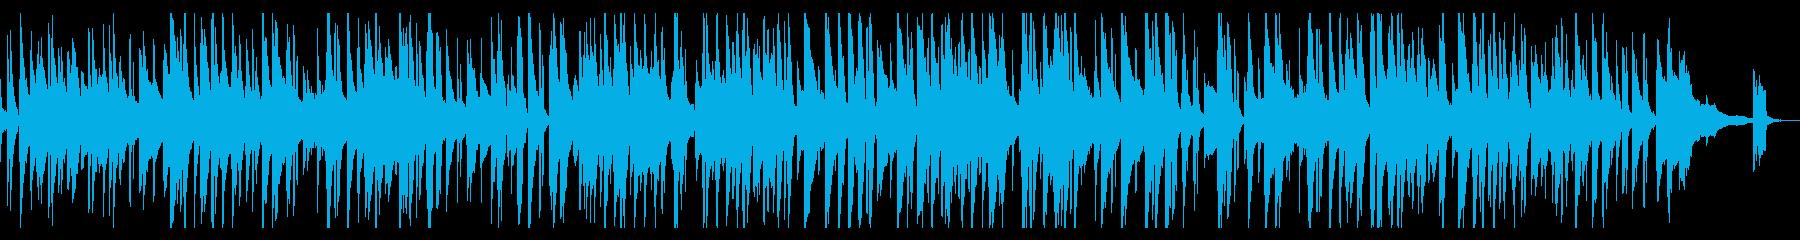 落ち着きのあるjazzピアノトリオの再生済みの波形